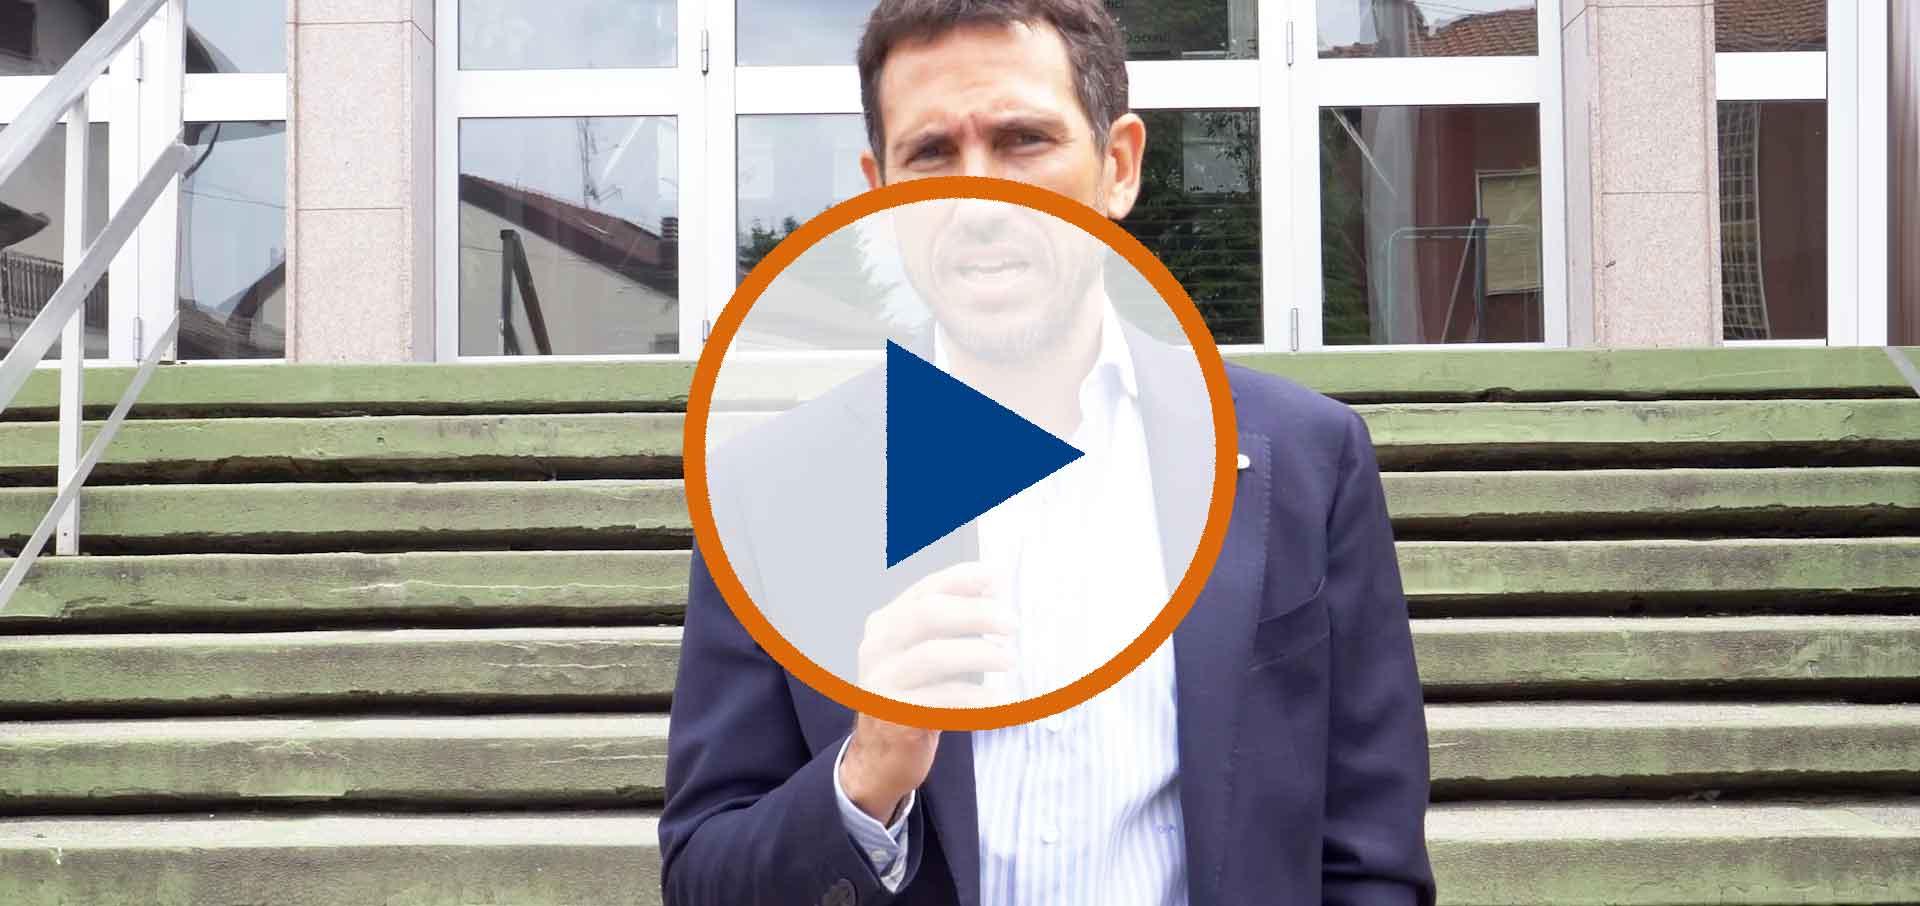 TUTTI IN CLASSE! Italiameccatronica nelle scuole (VIDEO)